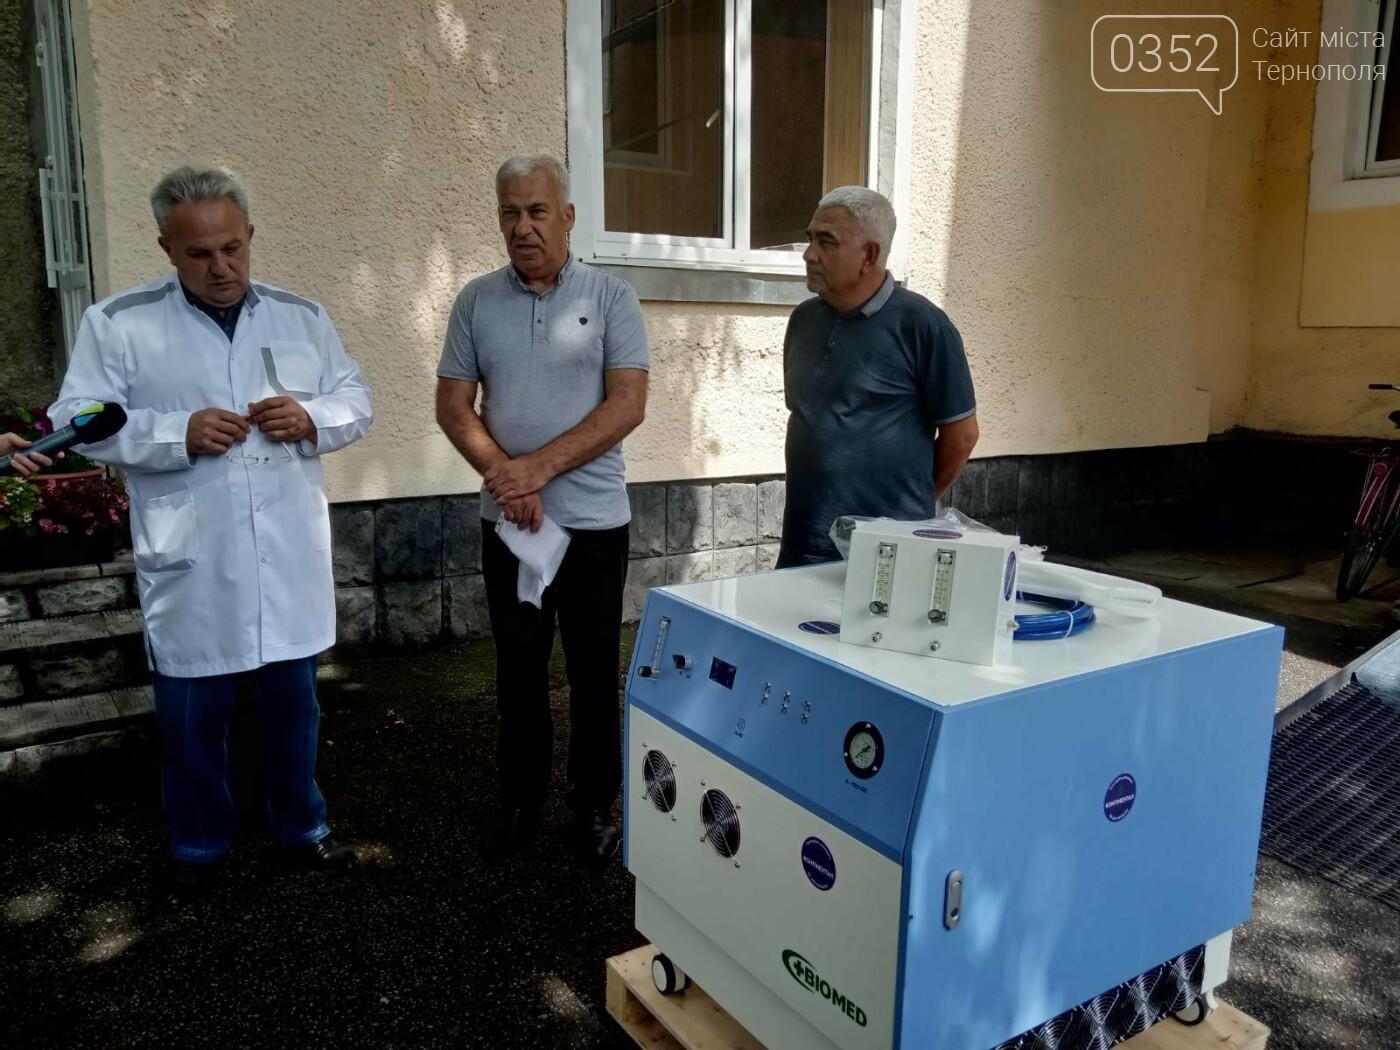 Підтримкою «Контінентал Фармерз Груп» заручилися медики п'яти областей Західної України, фото-4